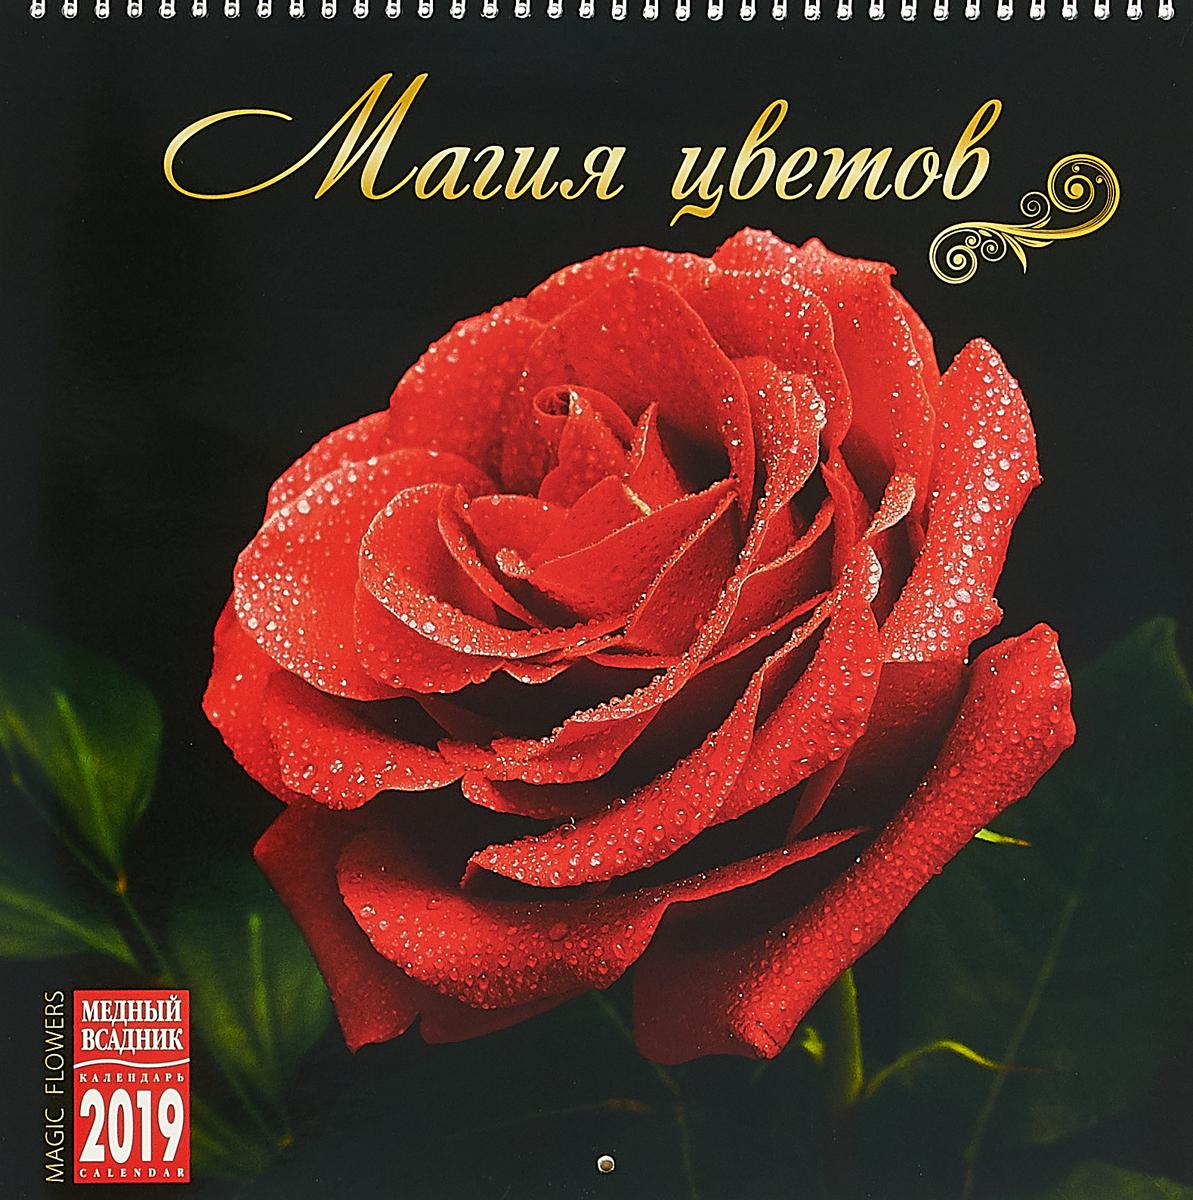 Календарь на спирали на 2019 год. Магия цветов. Роза календарь 2018 на спирали венценосная семья